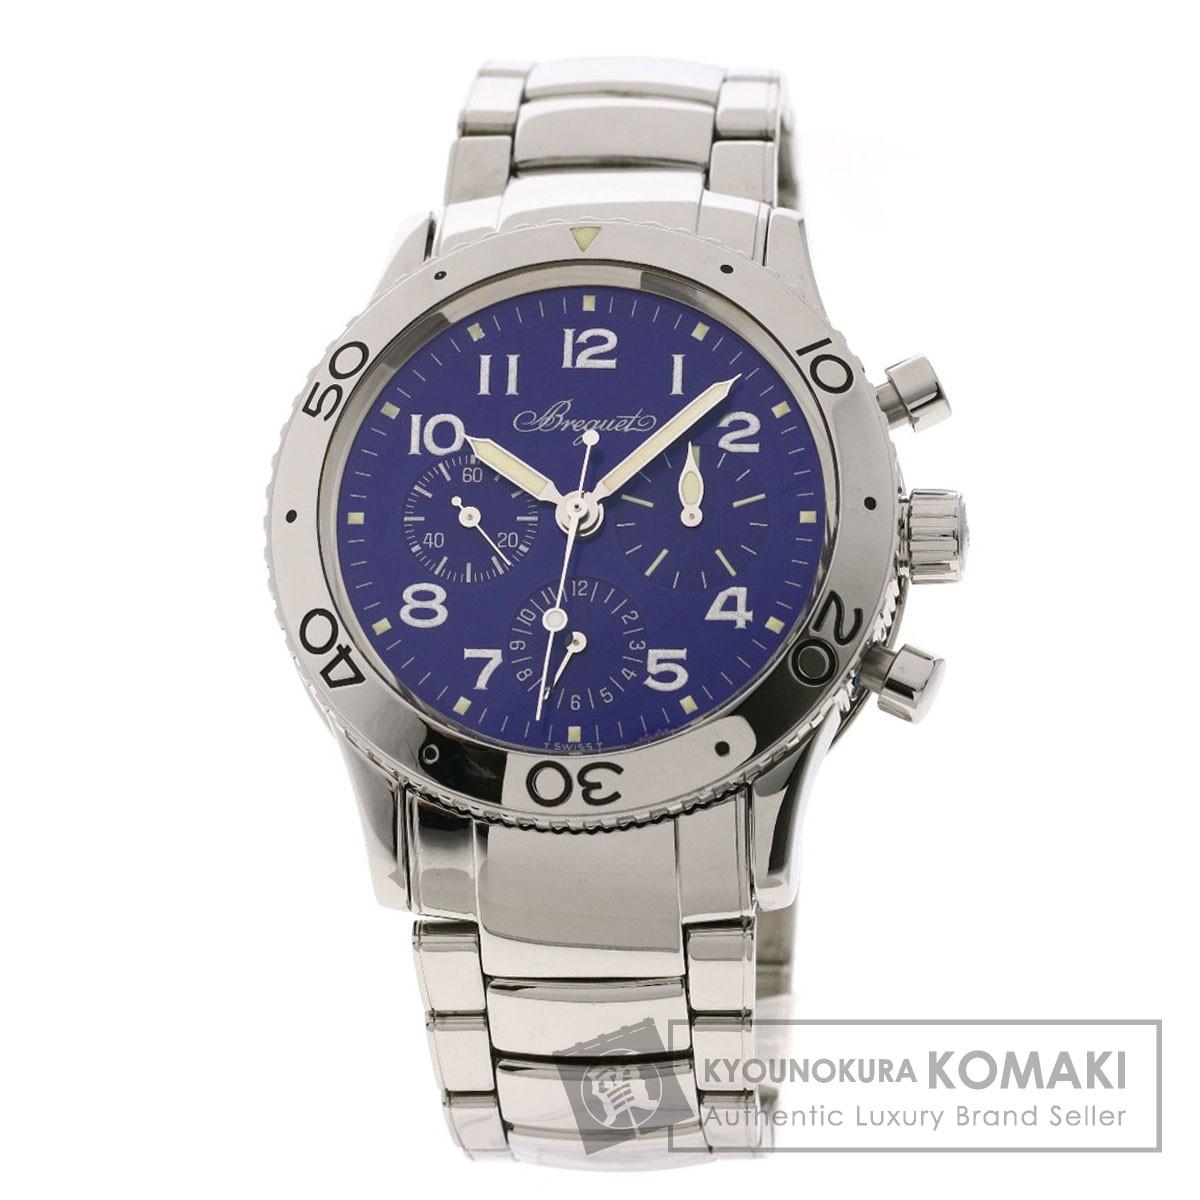 ブレゲ Ref.380 アエロナバル タイプXX 腕時計 ステンレススチール/SS メンズ 【中古】【Breguet】